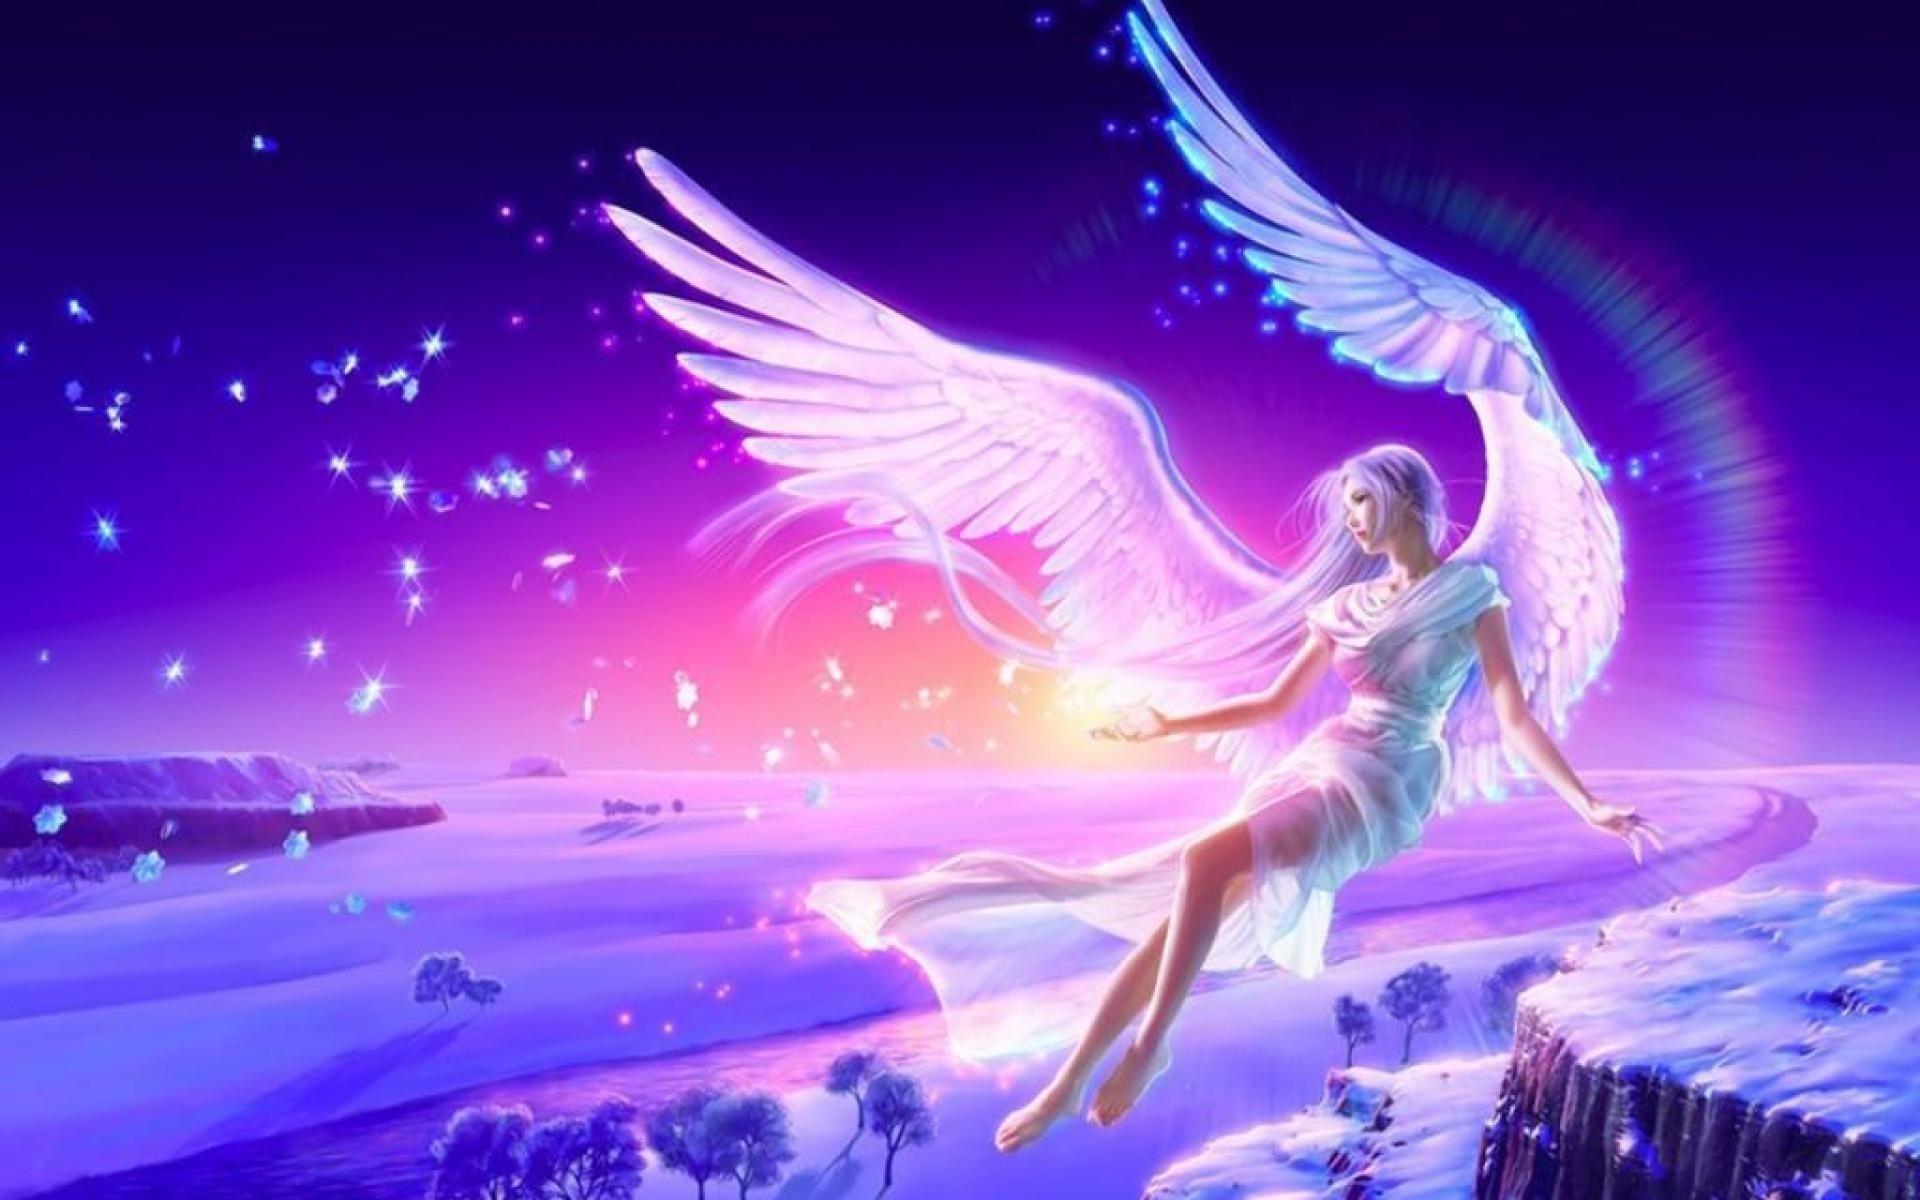 Обои на монитор | Фэнтези | девушка, ангел, арт, Кагайя